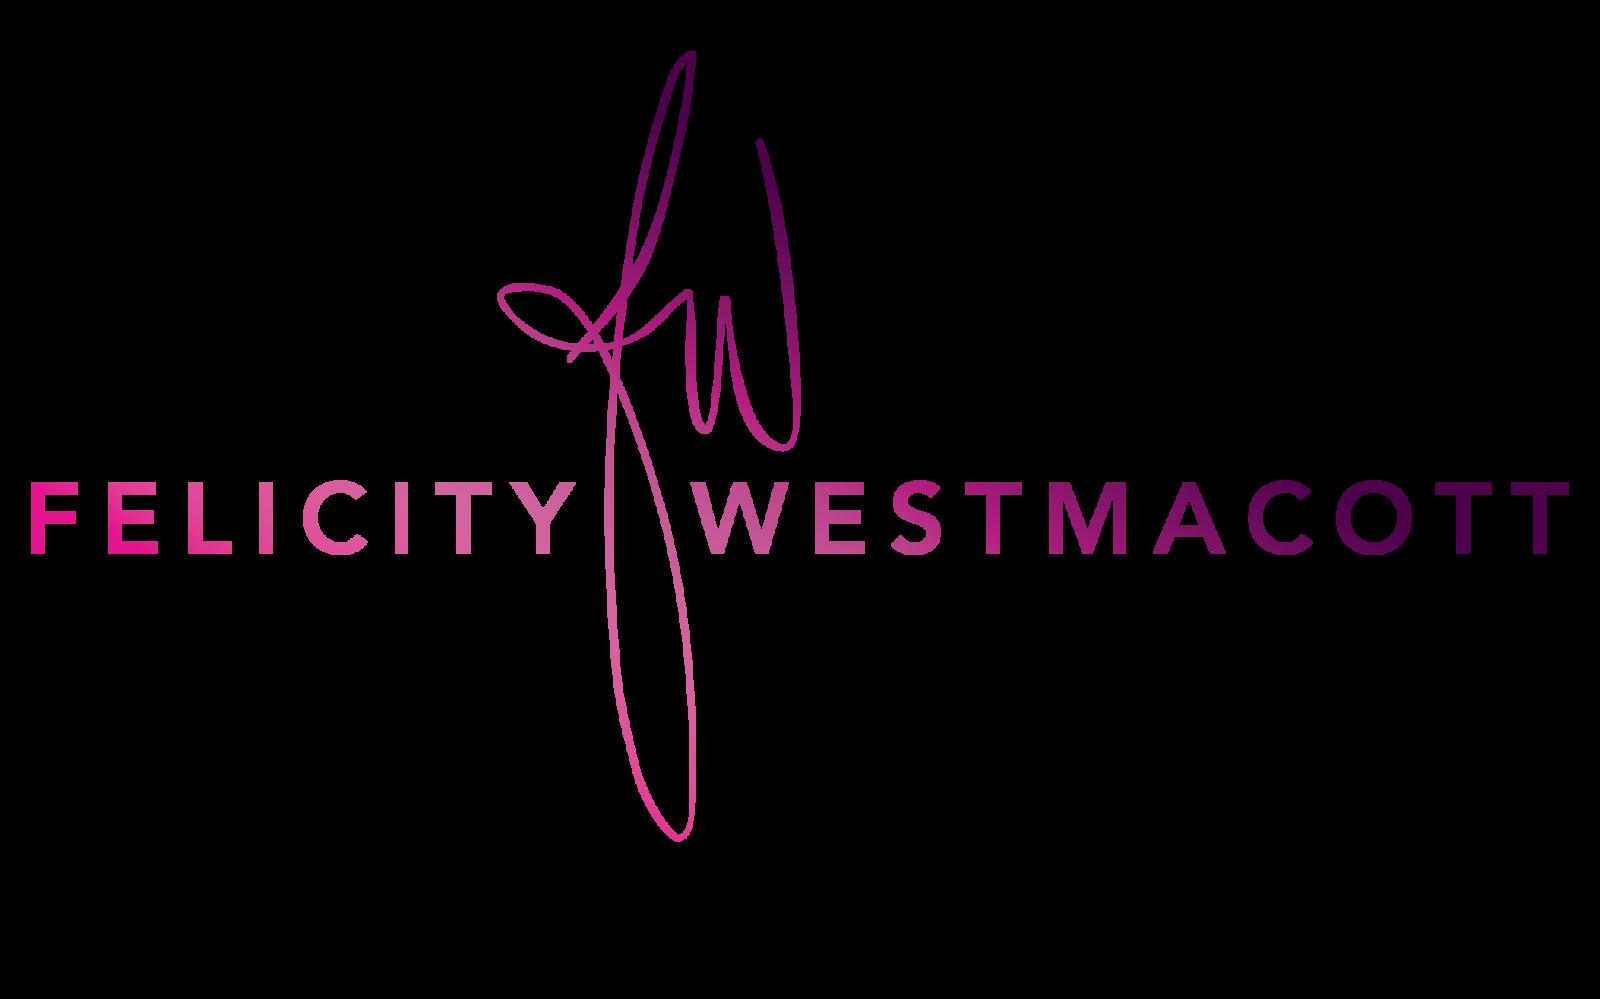 Felicity Westmacott brand logo dipdye